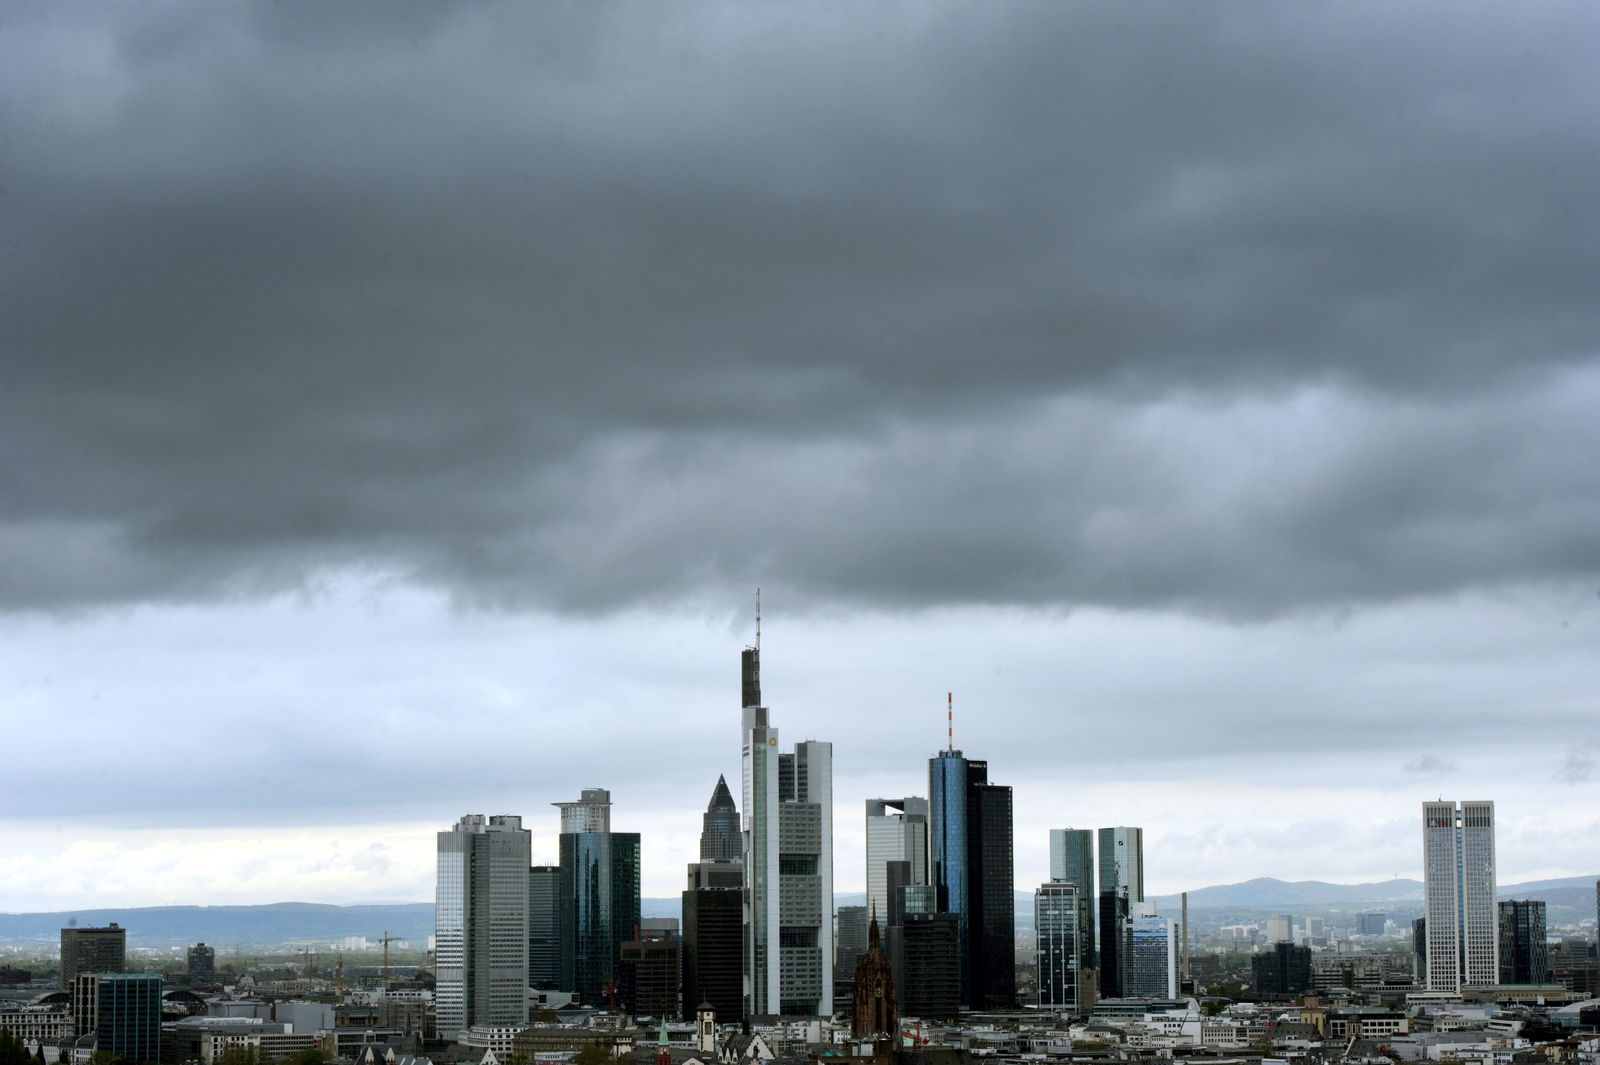 NICHT VERWENDEN Frankfurt / Banken-Viertel / Konjunktur / Dunkle Wolke